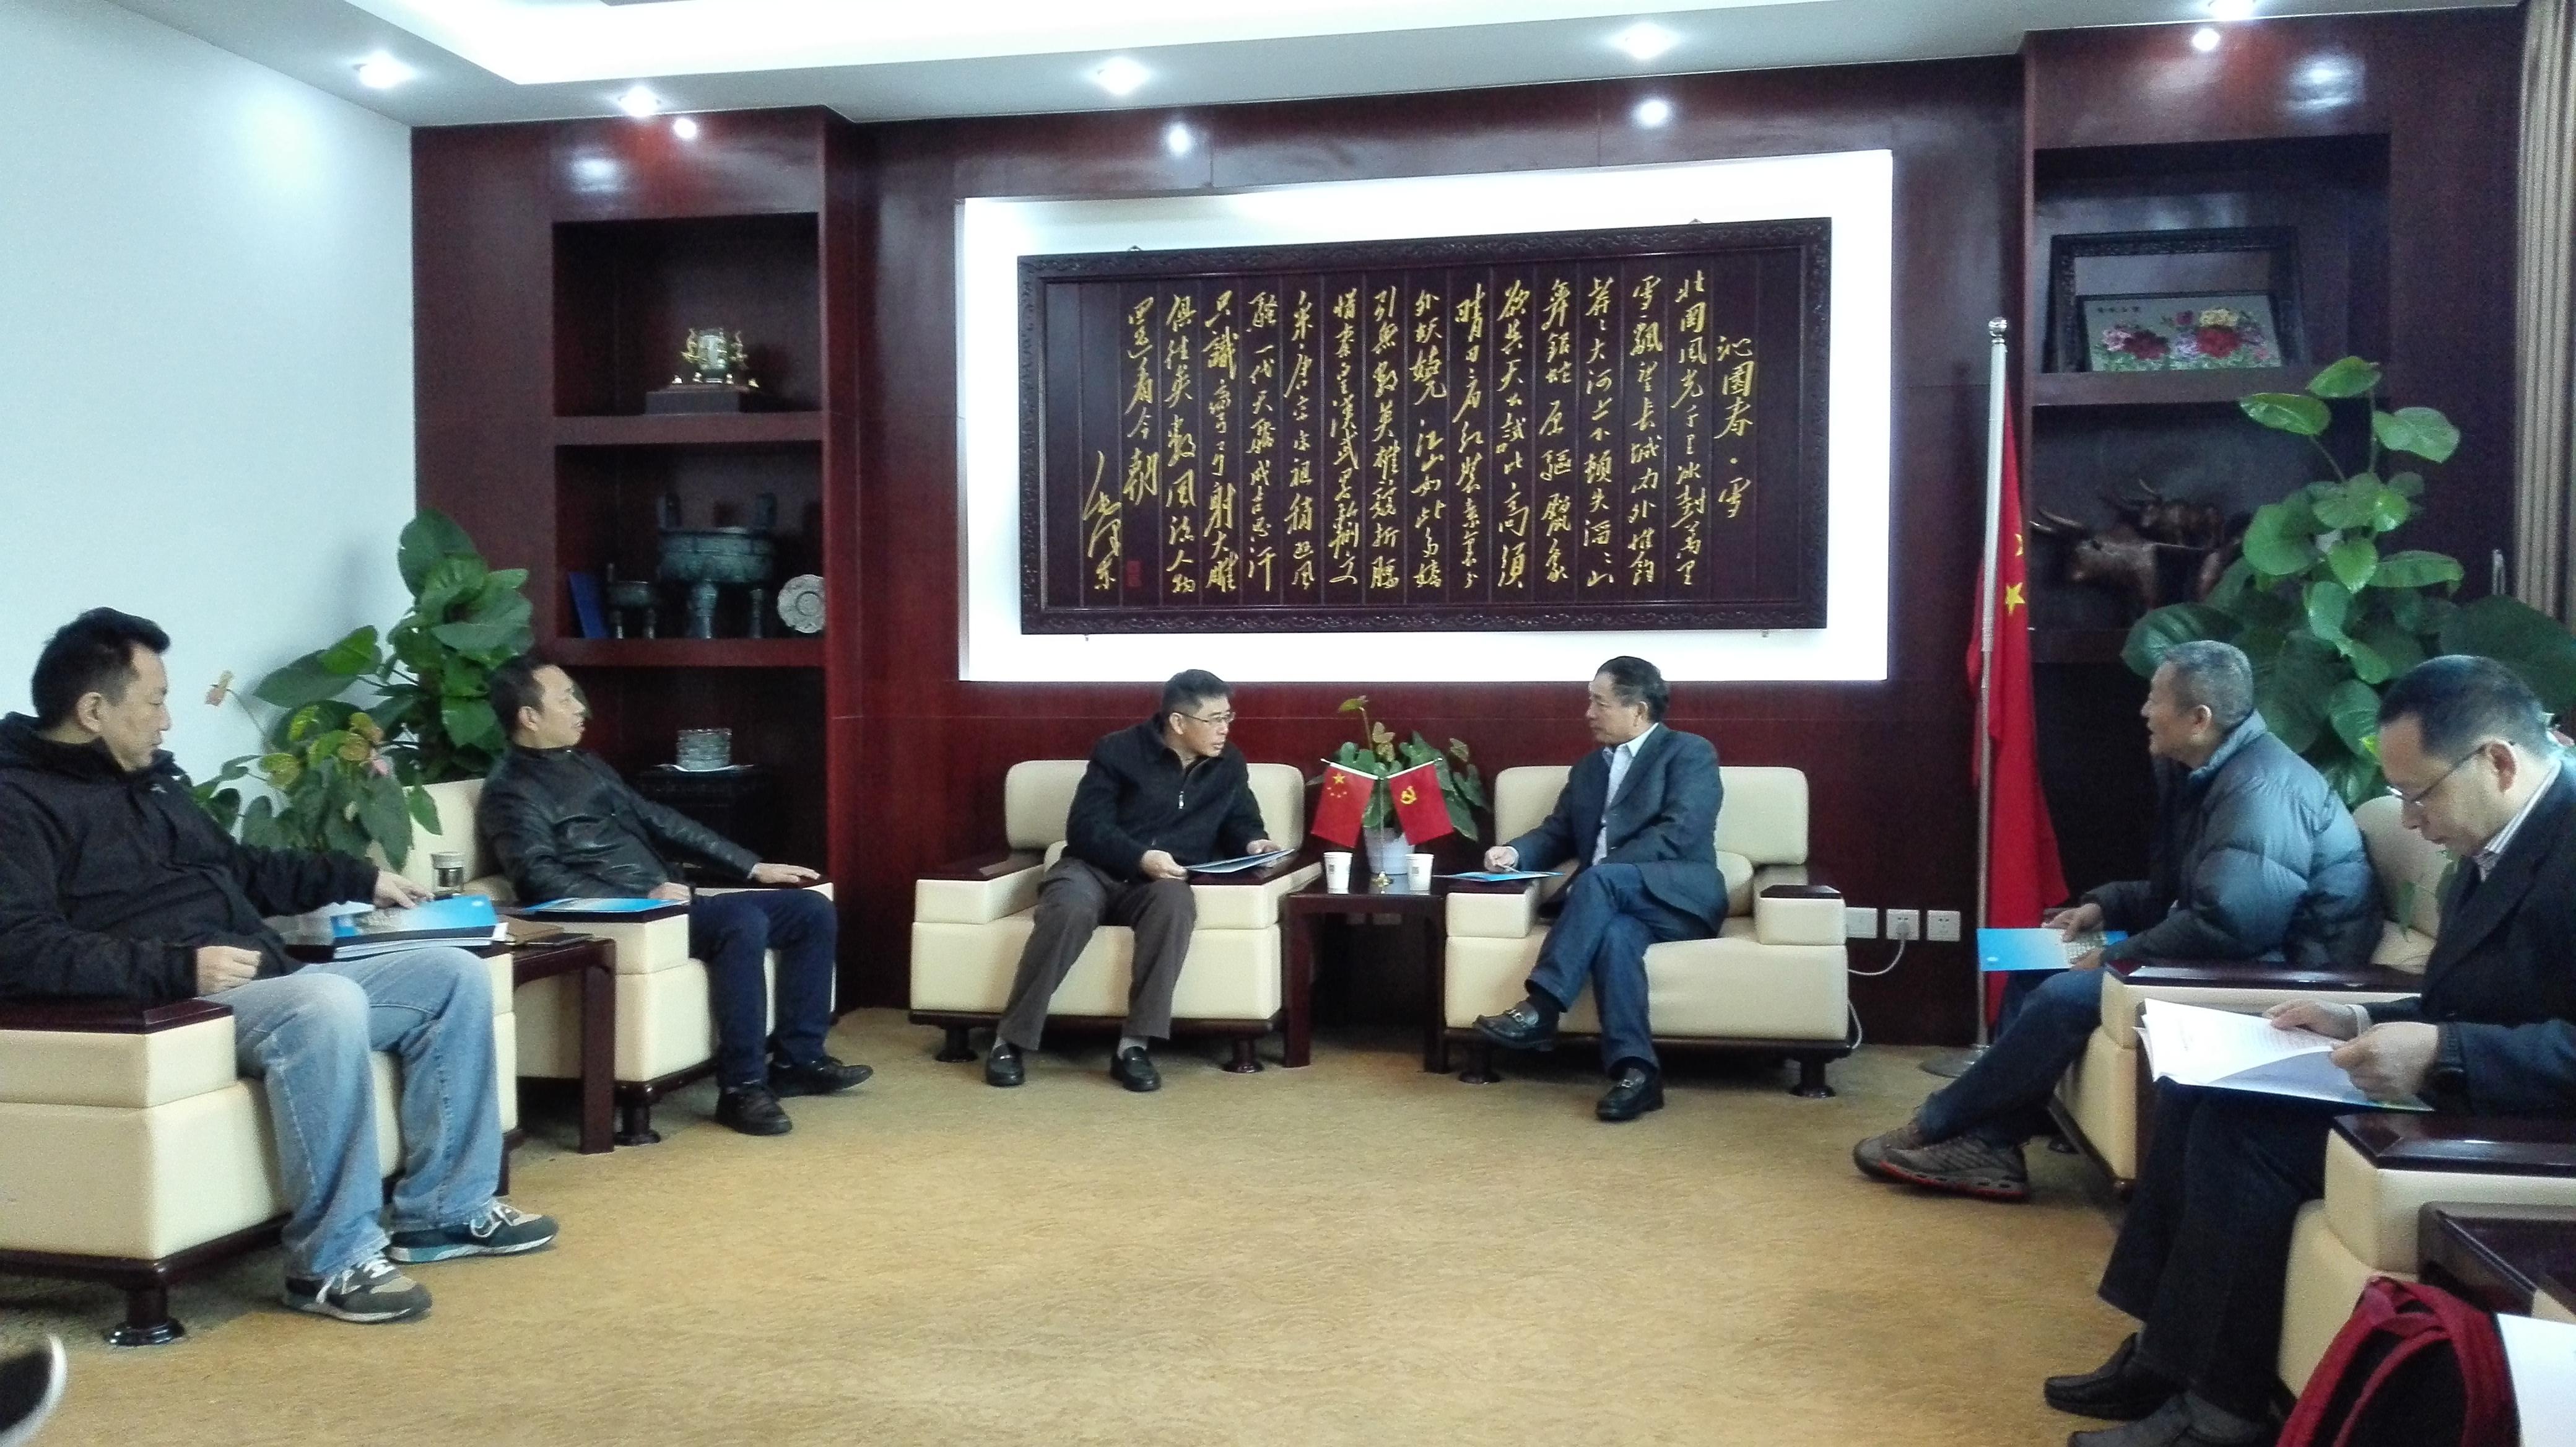 我院与四川省地震局就AETA系统应用进行深入交流